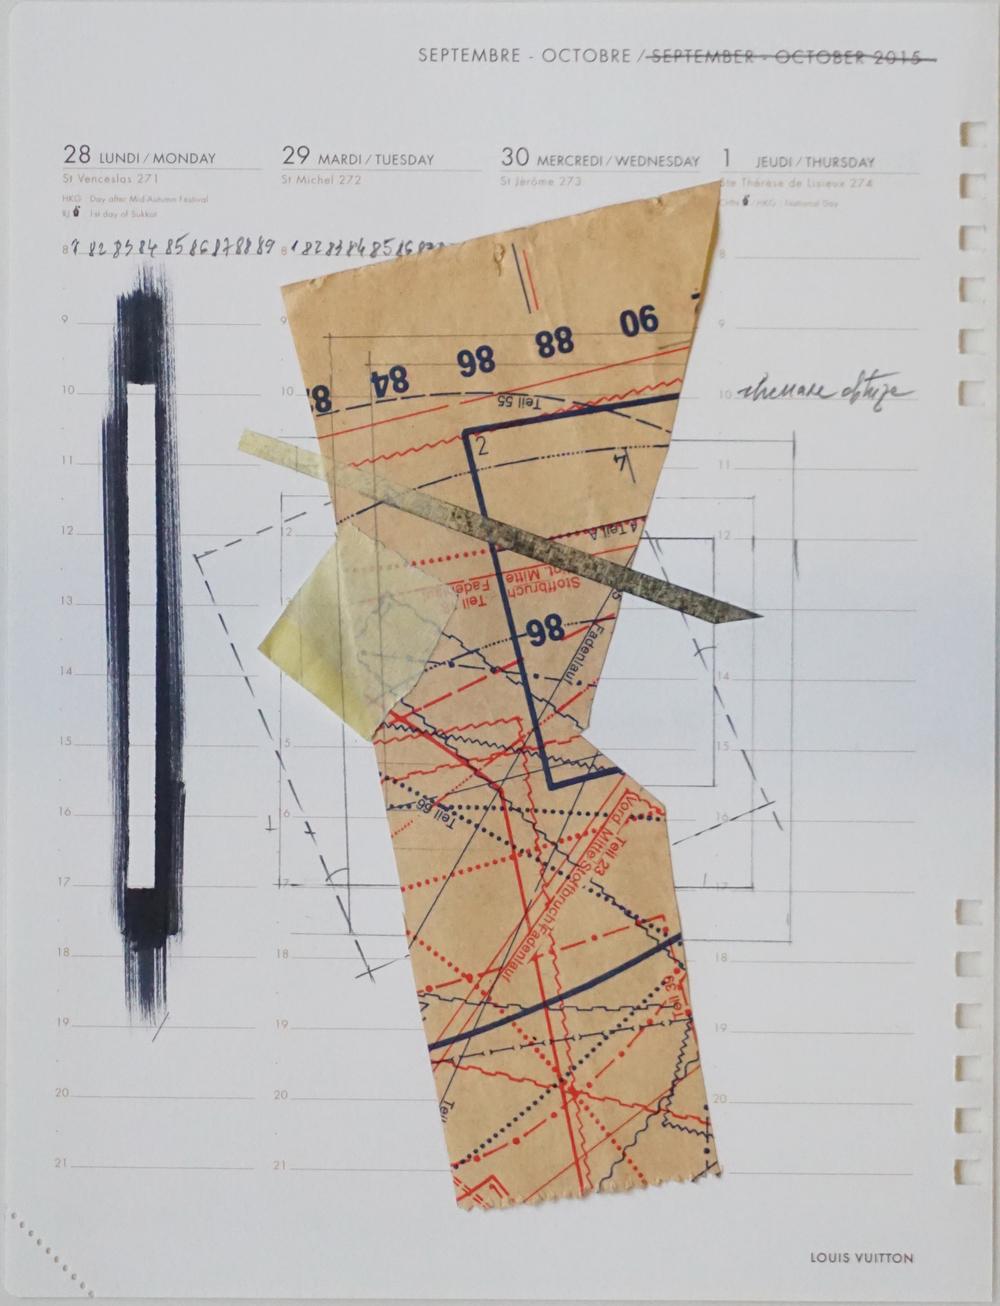 Temporel Louis Vuitton 5 (2015) mixed media, 21 x 16 cm